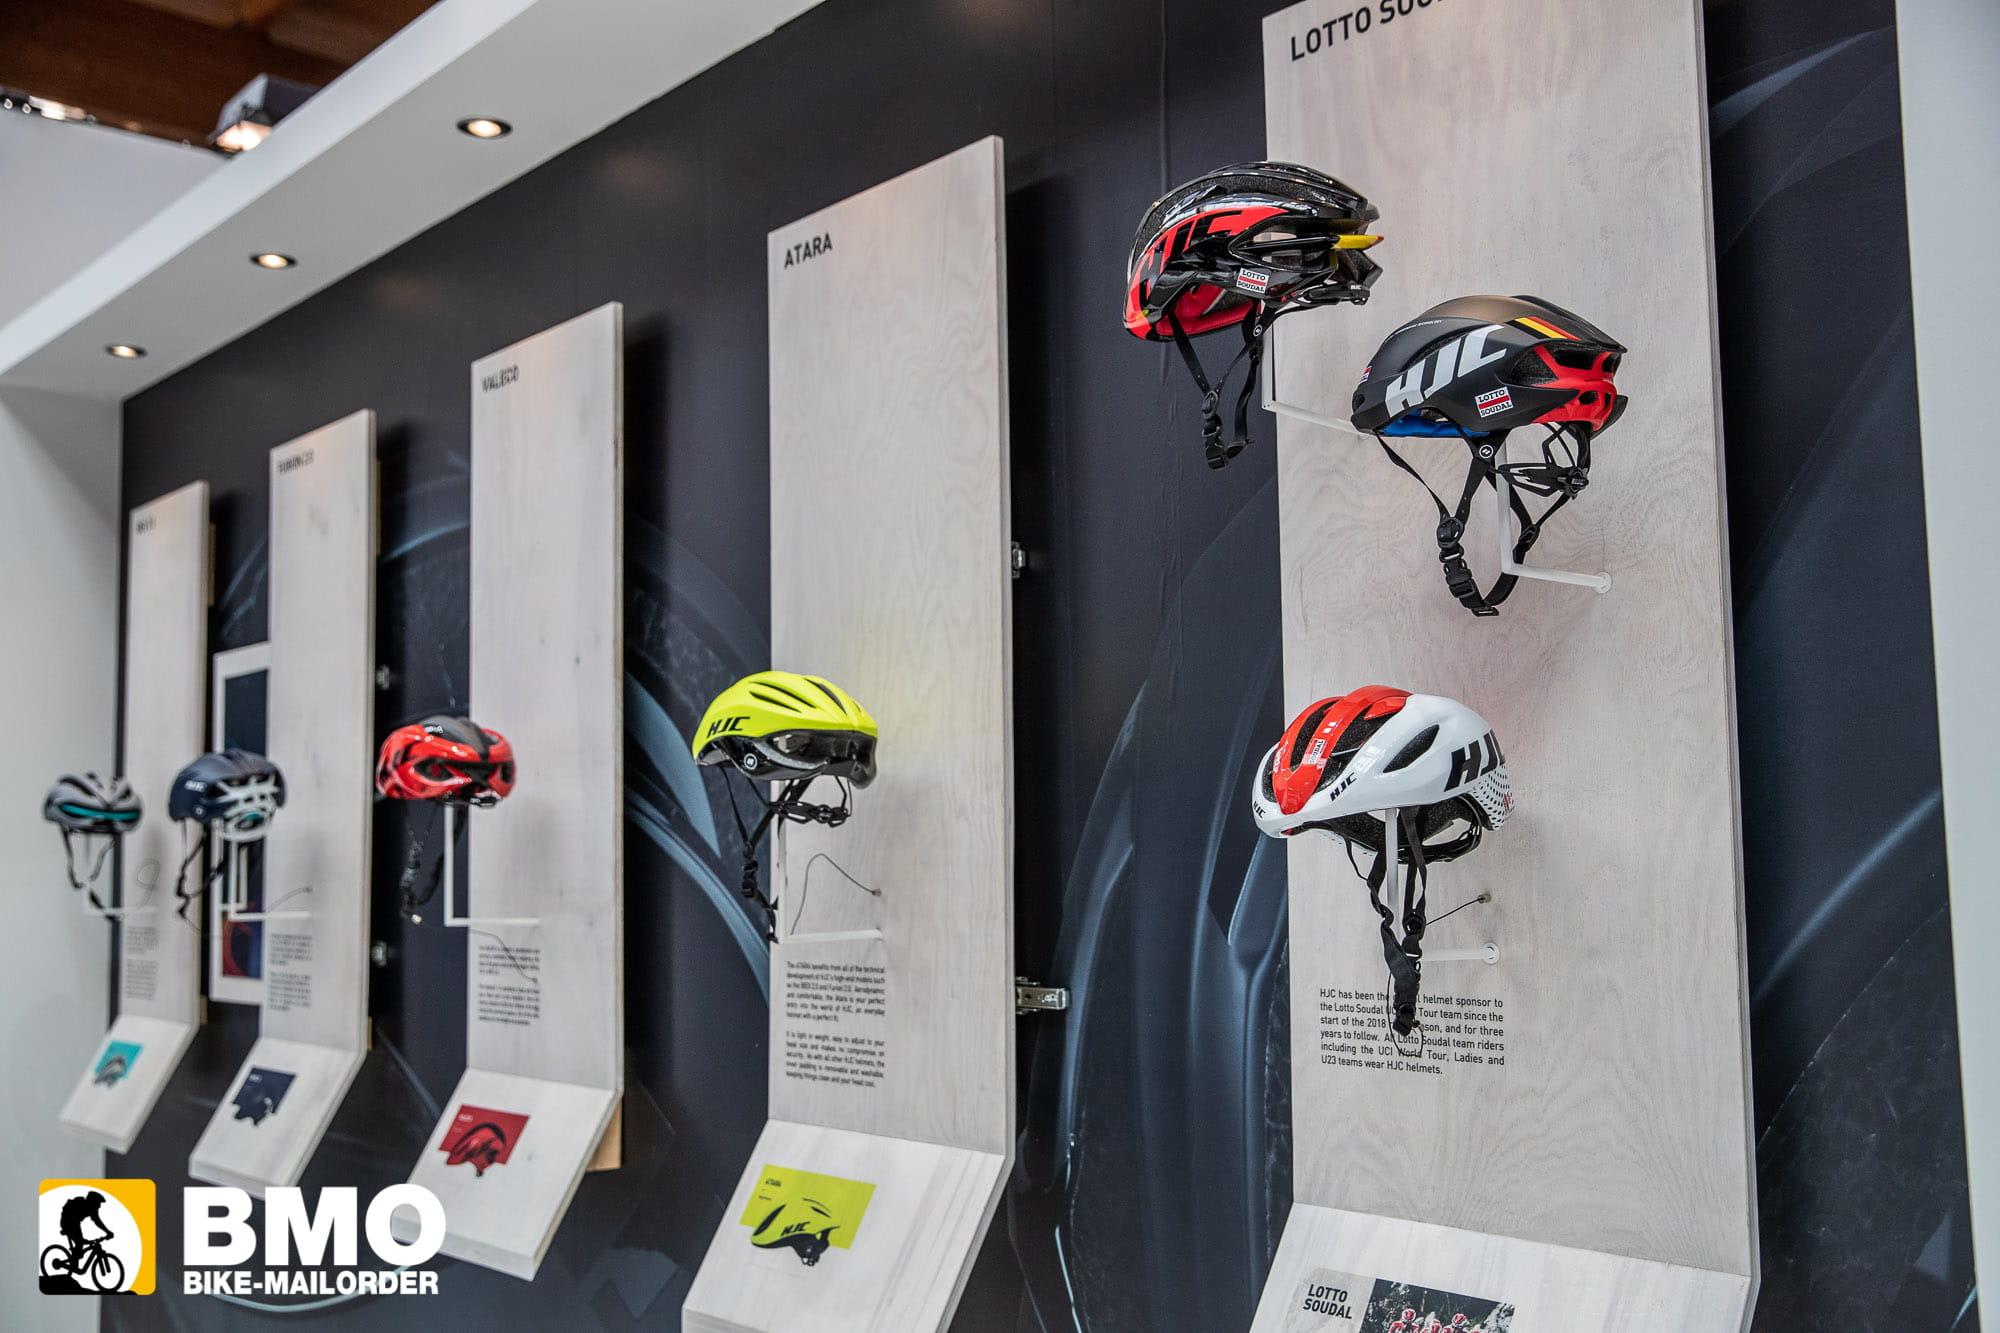 Bike-Mailorder_eurobike-2019-36